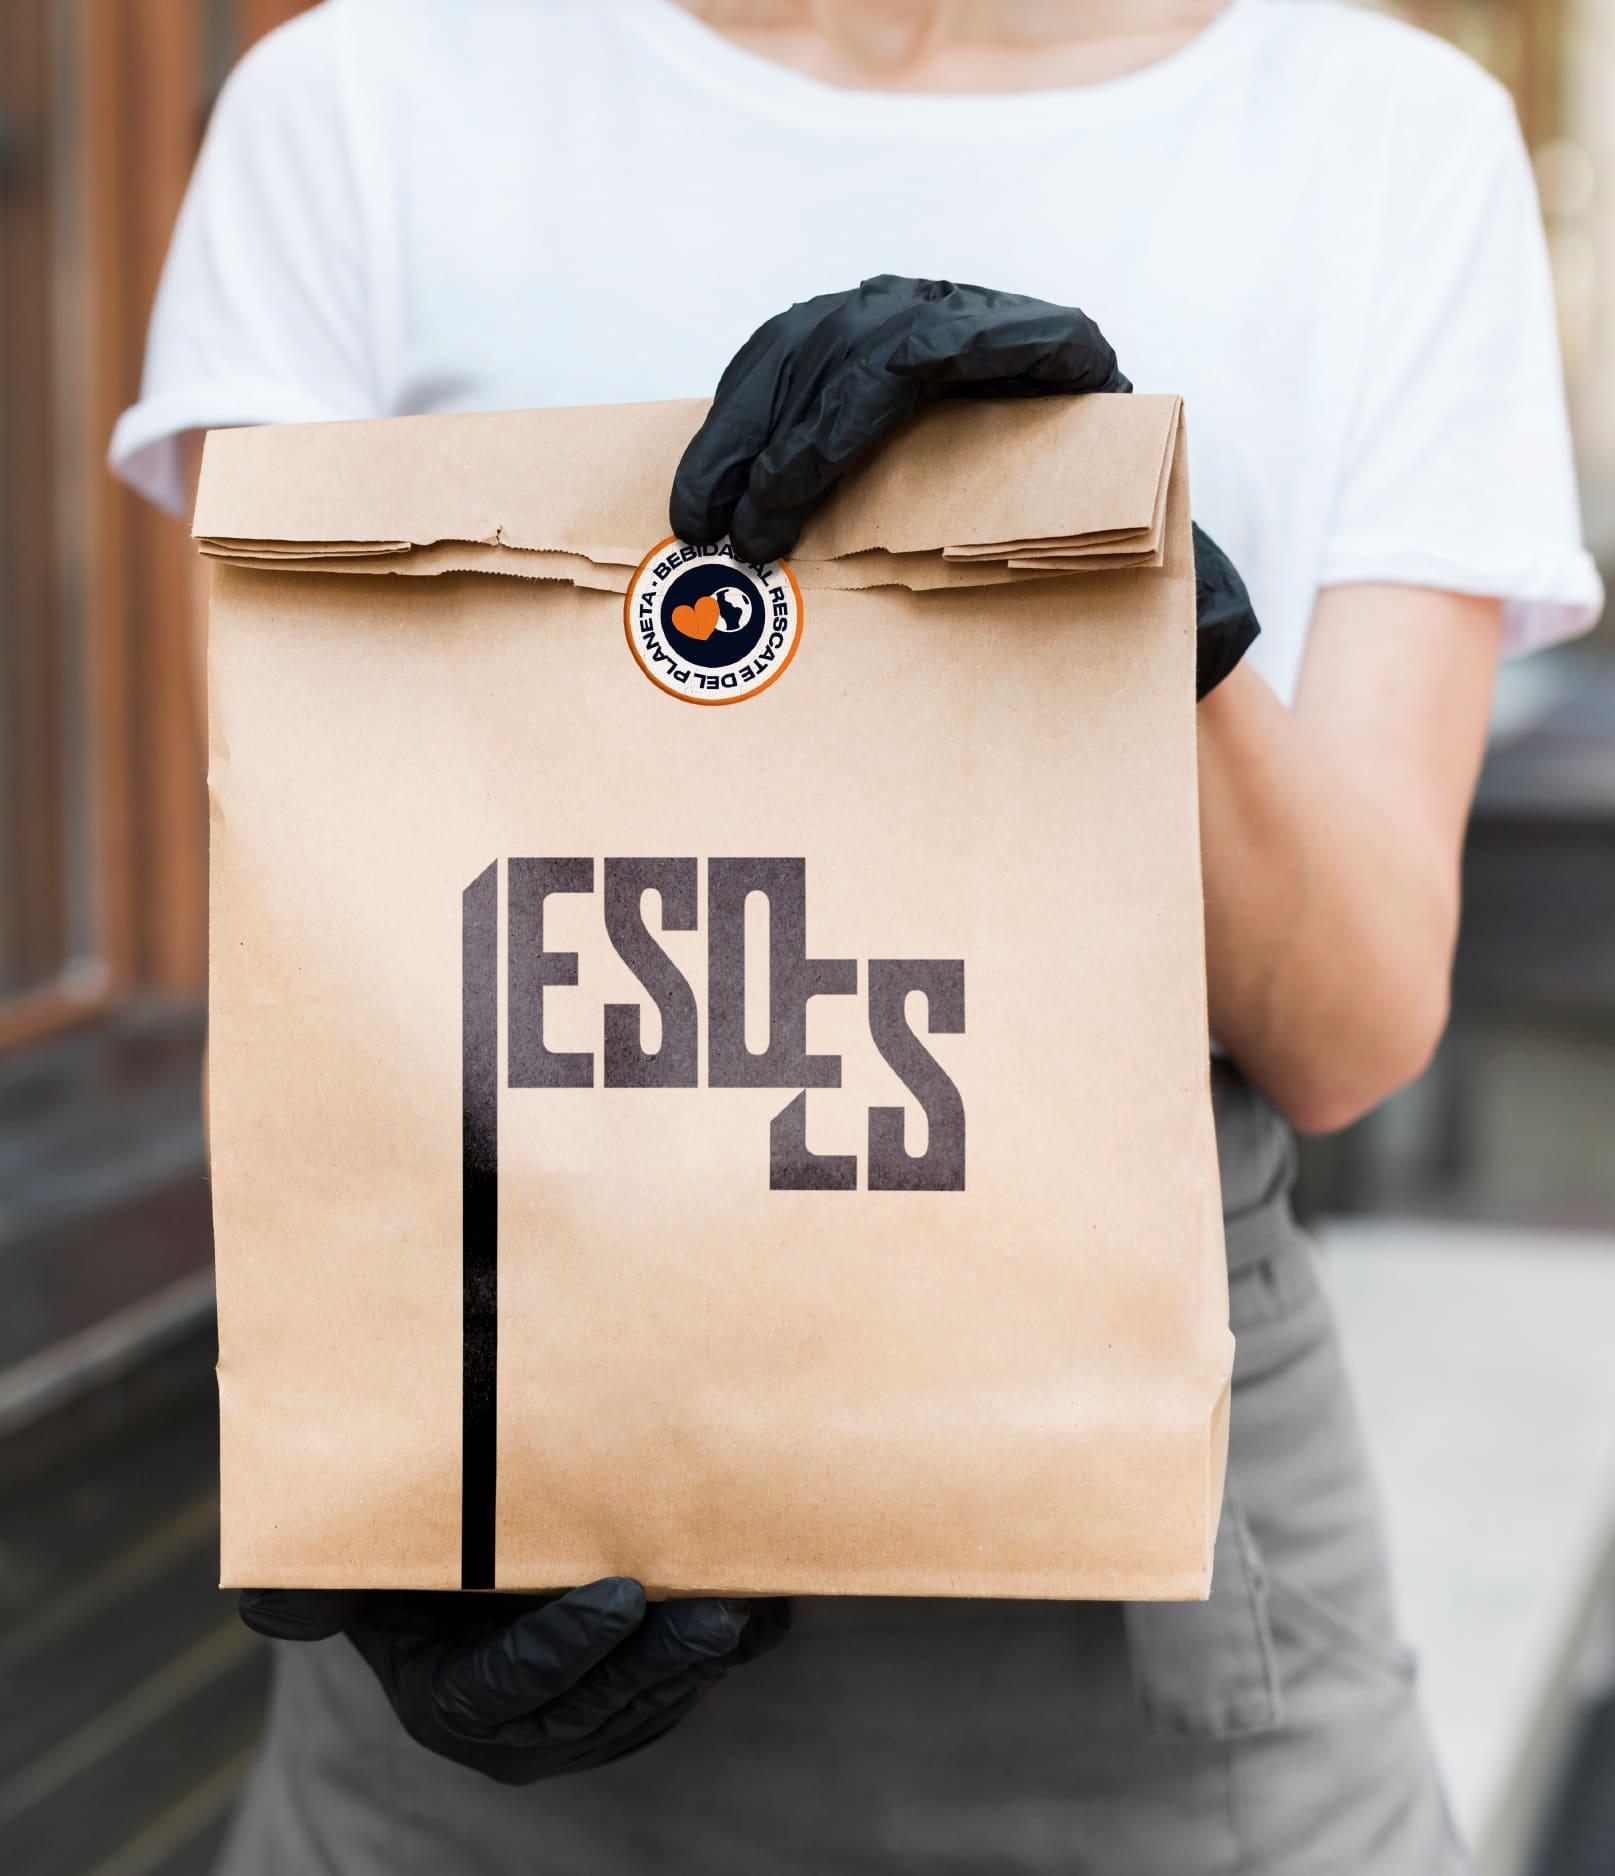 Bolsa Esoes